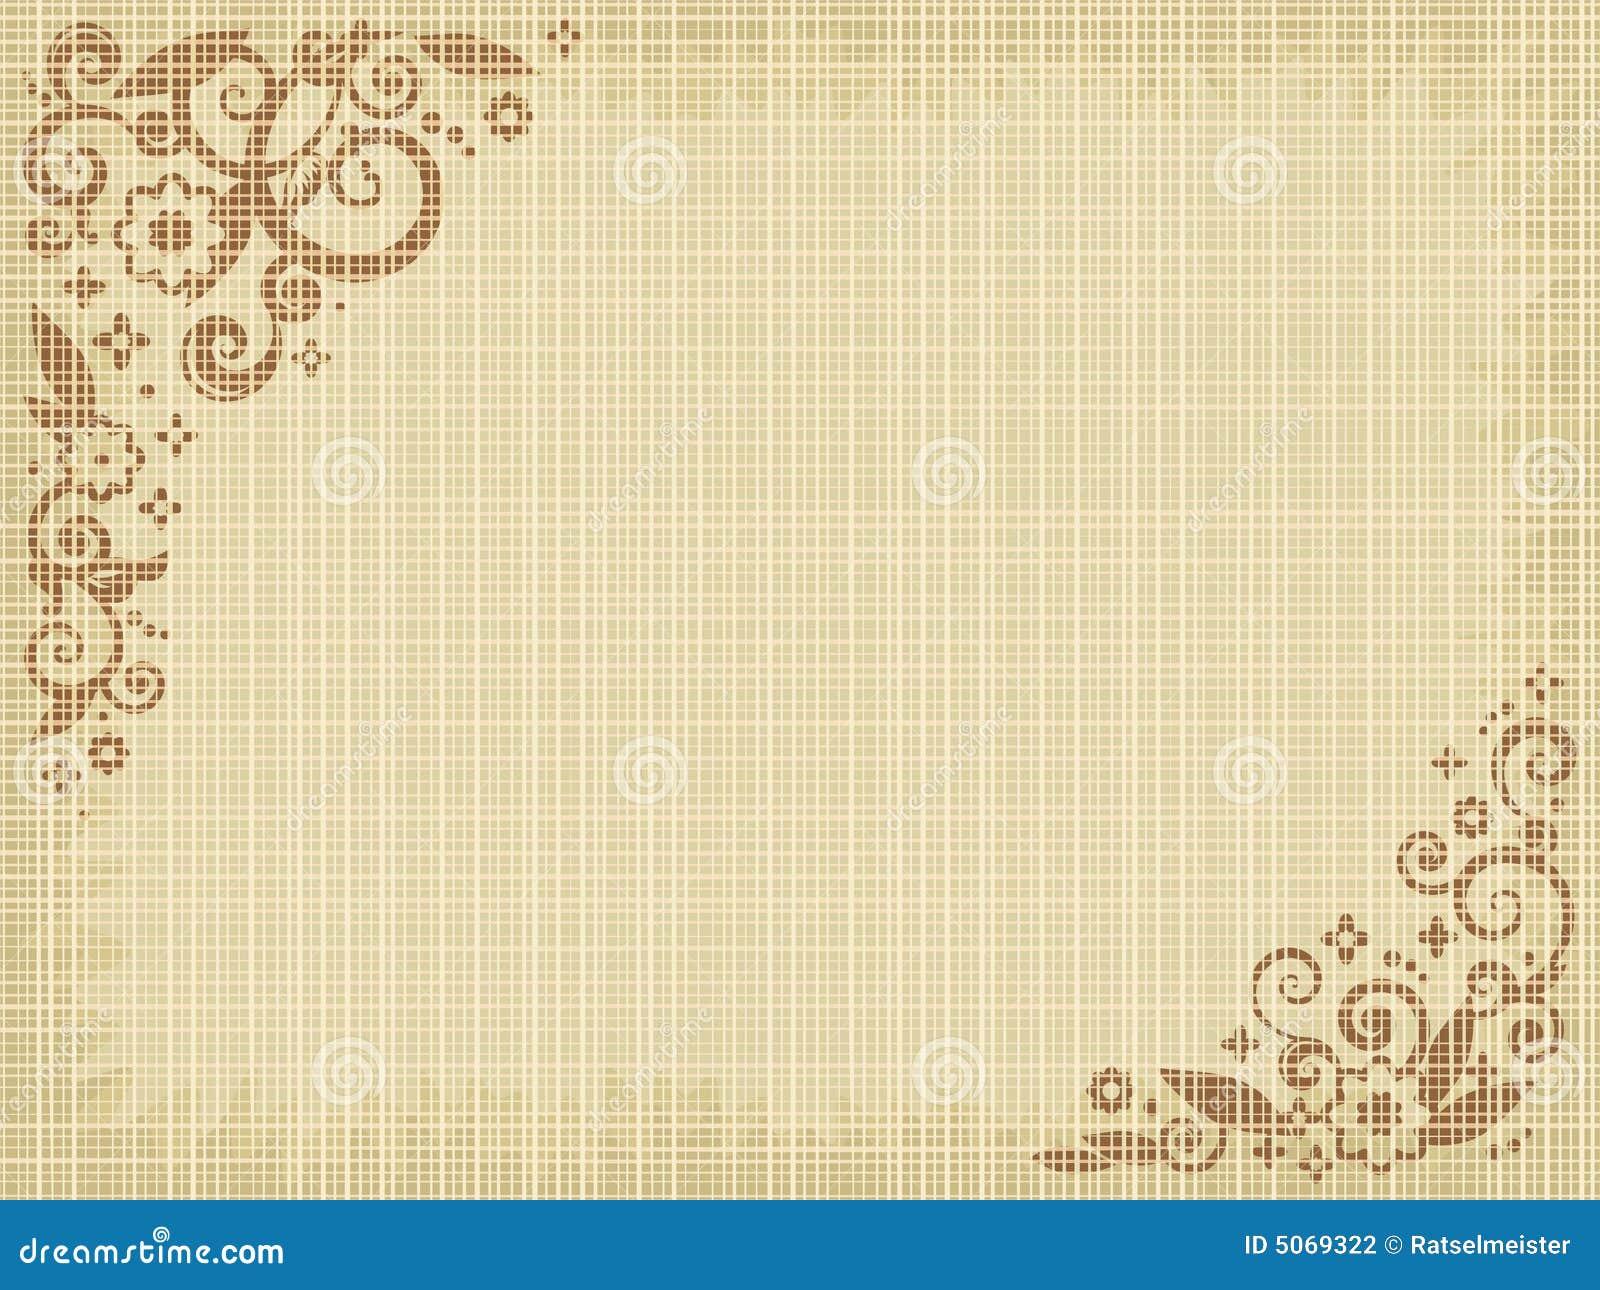 背景画布花卉图案